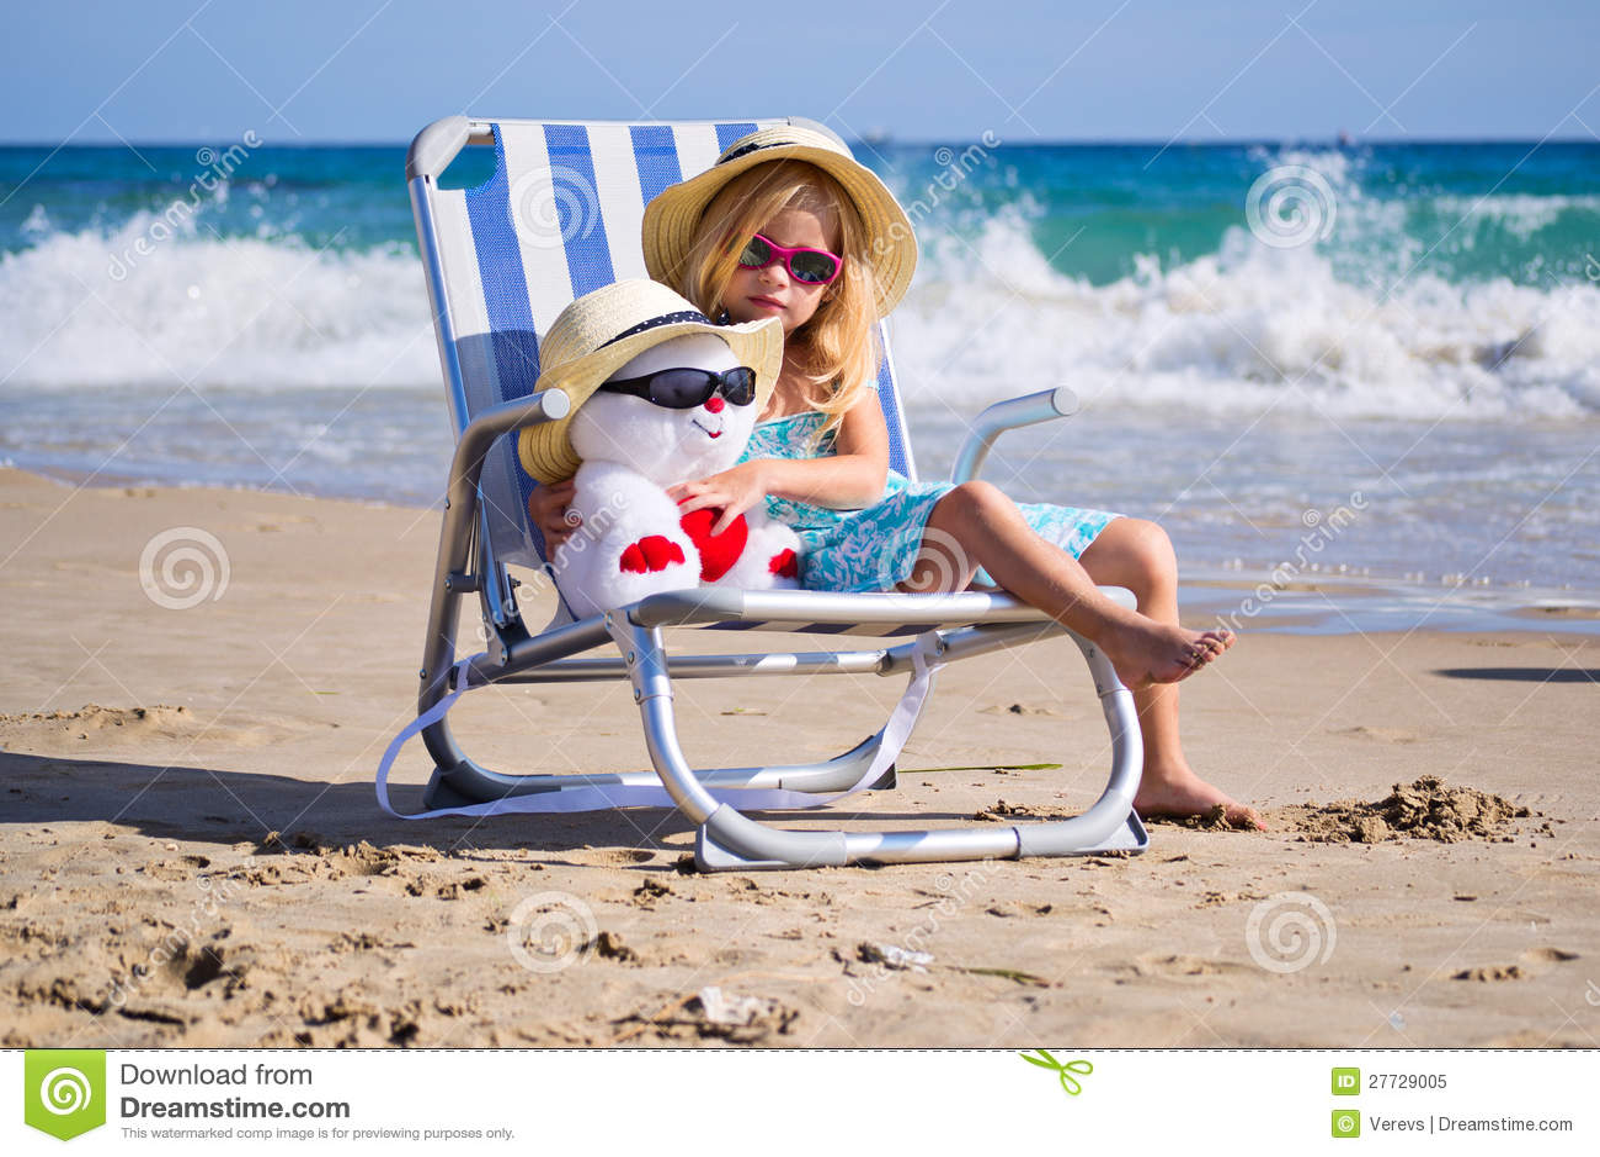 Ein Kind sitzt auf einem Klappstuhl mit einem Spielzeug